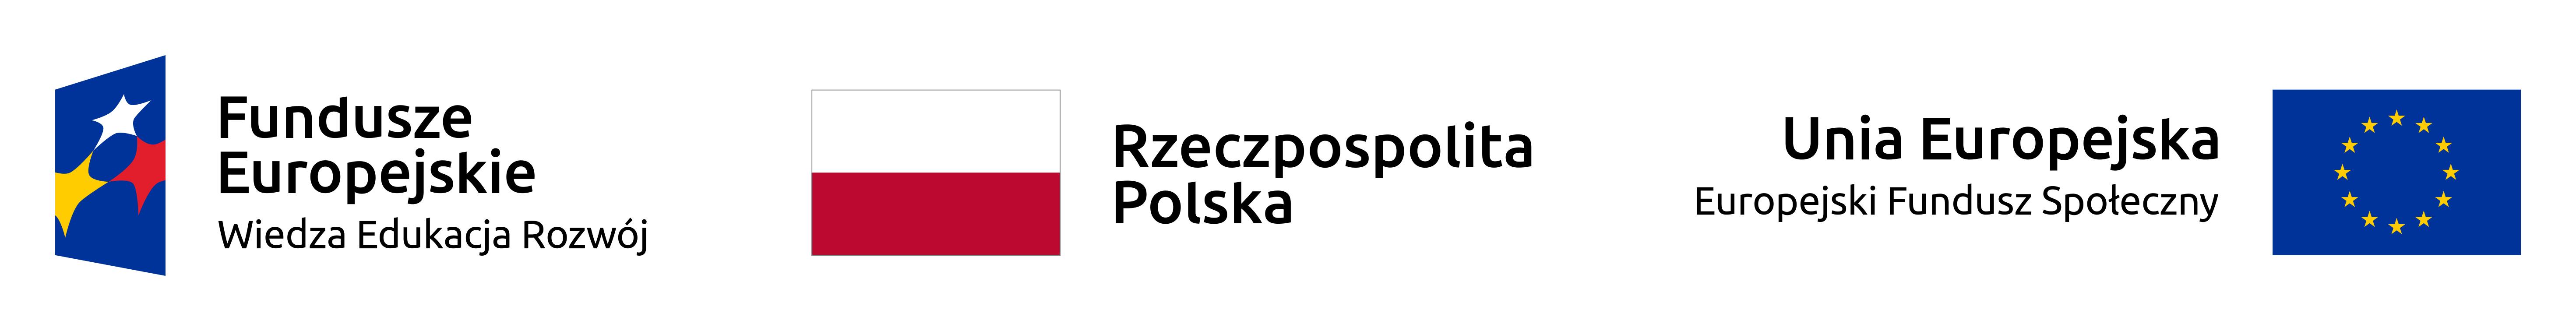 Z lewej strony logotyp Programu Operacyjnego Wiedza Edukacja Rozwój, z prawej strony logo Unii Europejskiej oraz napis Unia Europejska Europejski Funduszu Społeczny. Na środku biało-czerwona flaga Polski z napisem Rzeczypospolita Polska